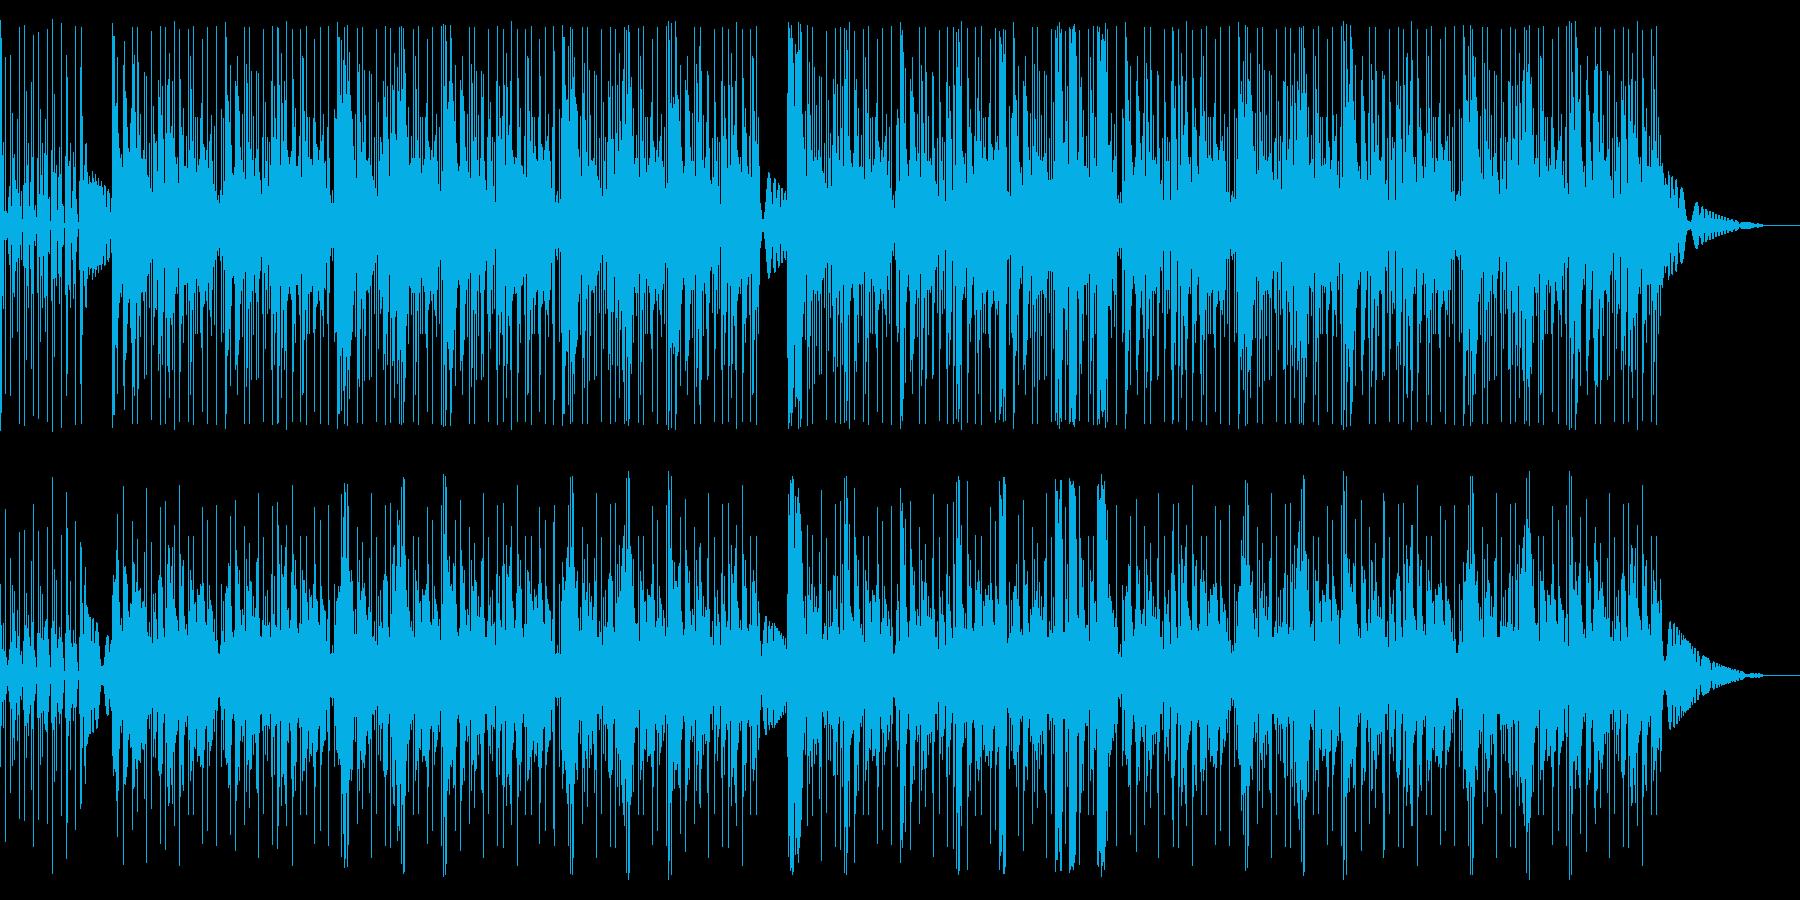 タブラとジャズの不思議な曲の再生済みの波形